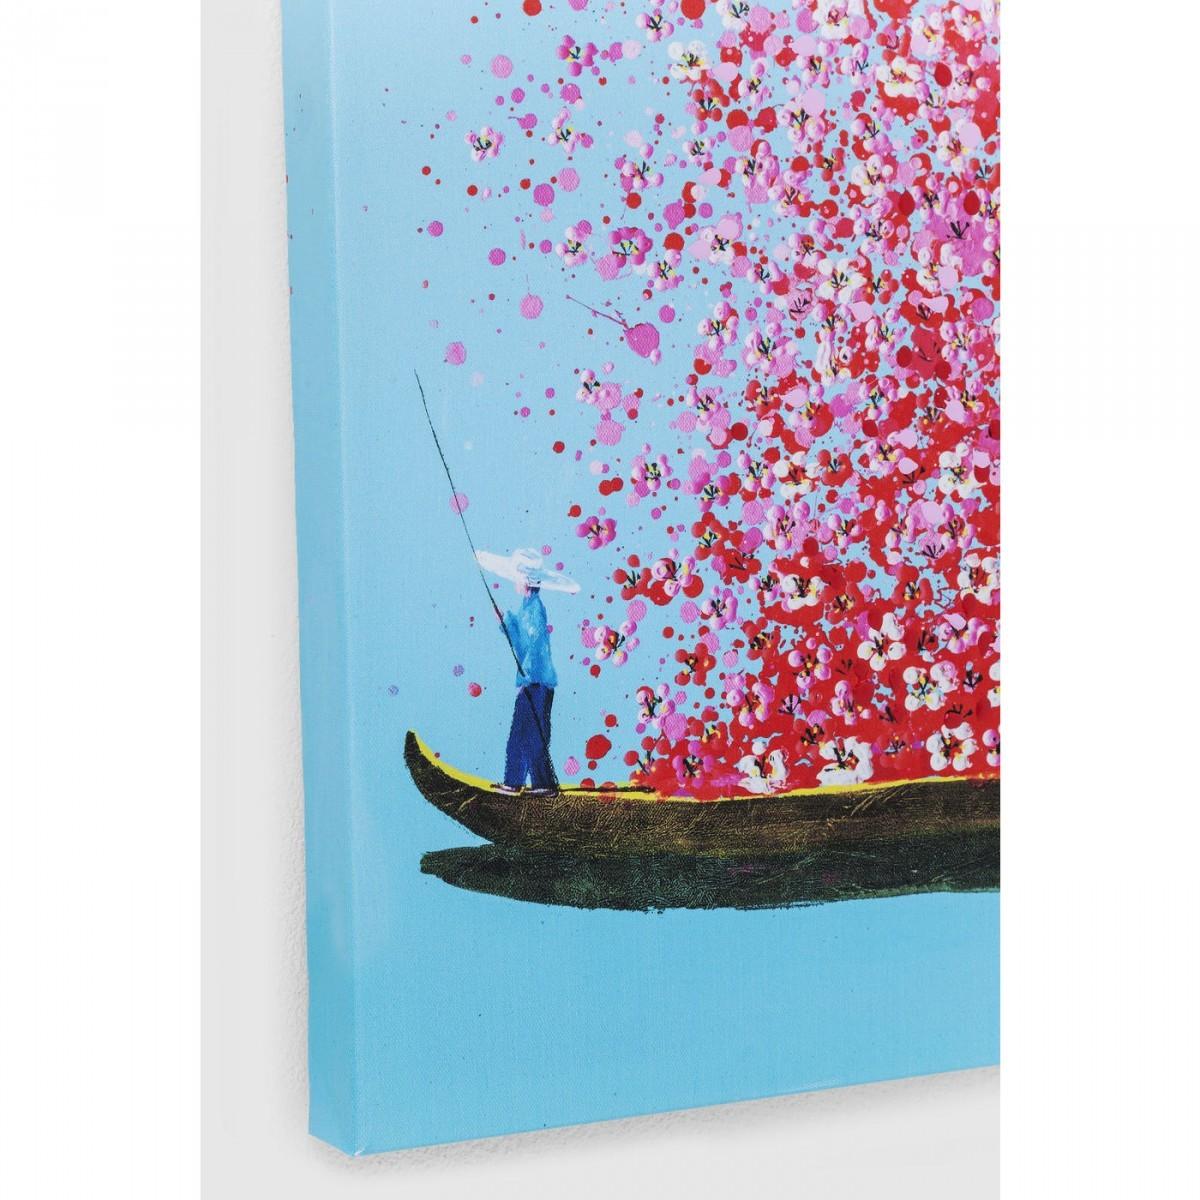 Tableau Touched fleurs pirogue bleu et rose 100x80cm Kare Design